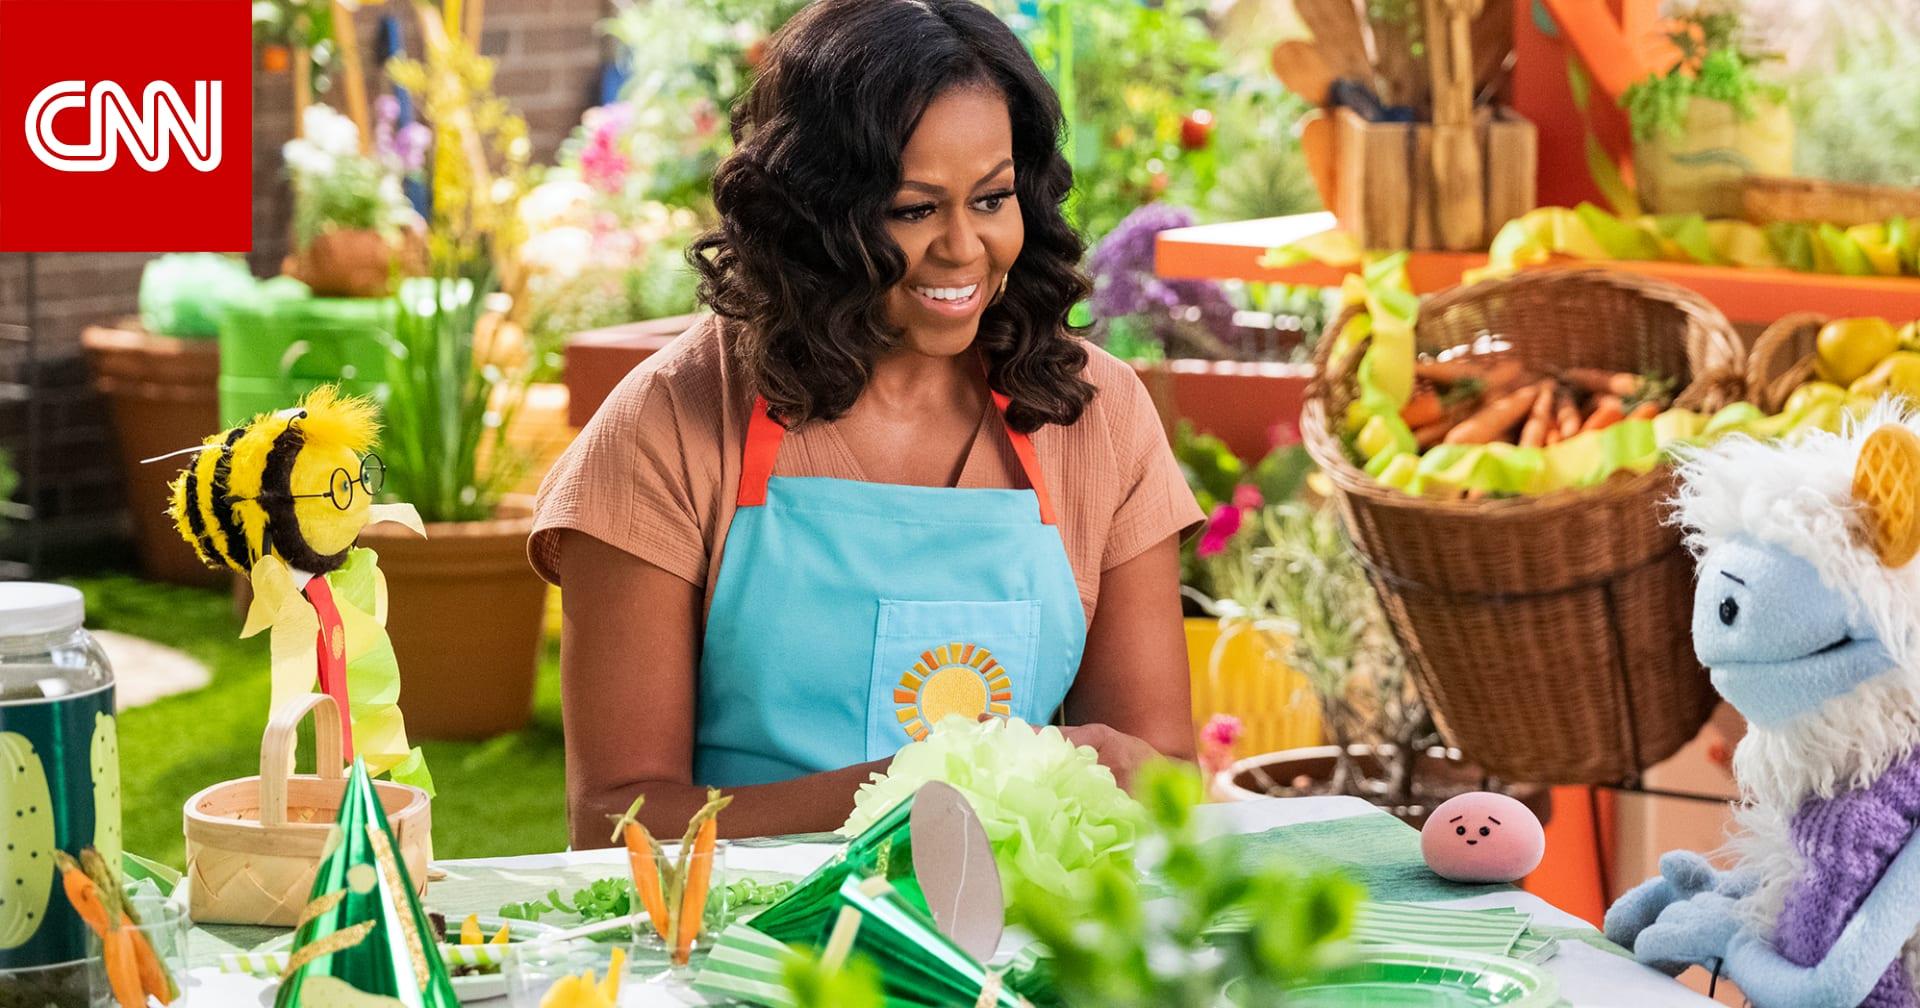 """ميشيل أوباما تتعاون مع """"نتفليكس"""" لإطلاق برنامج طبخ للأطفال"""